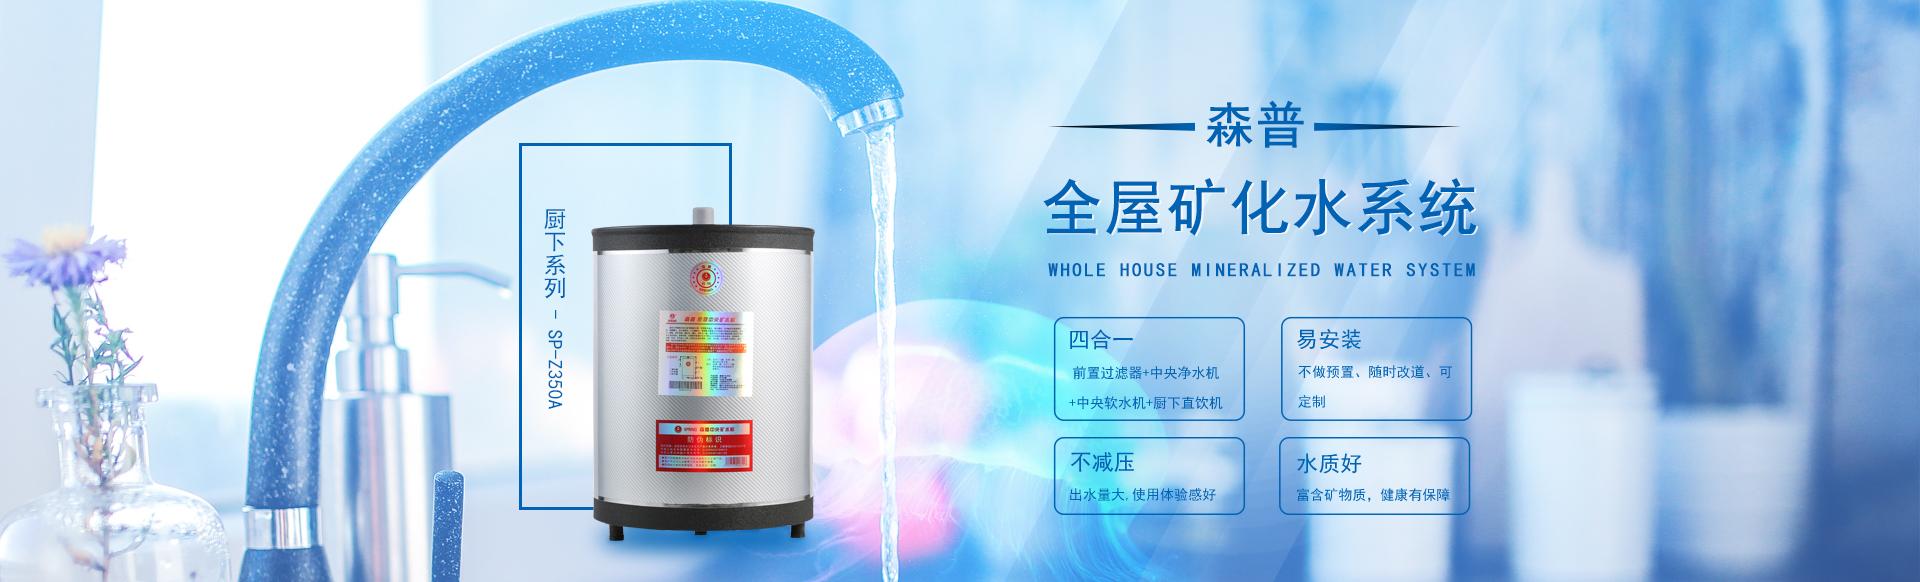 重庆美顿水处理设备有限公司-中央净水器